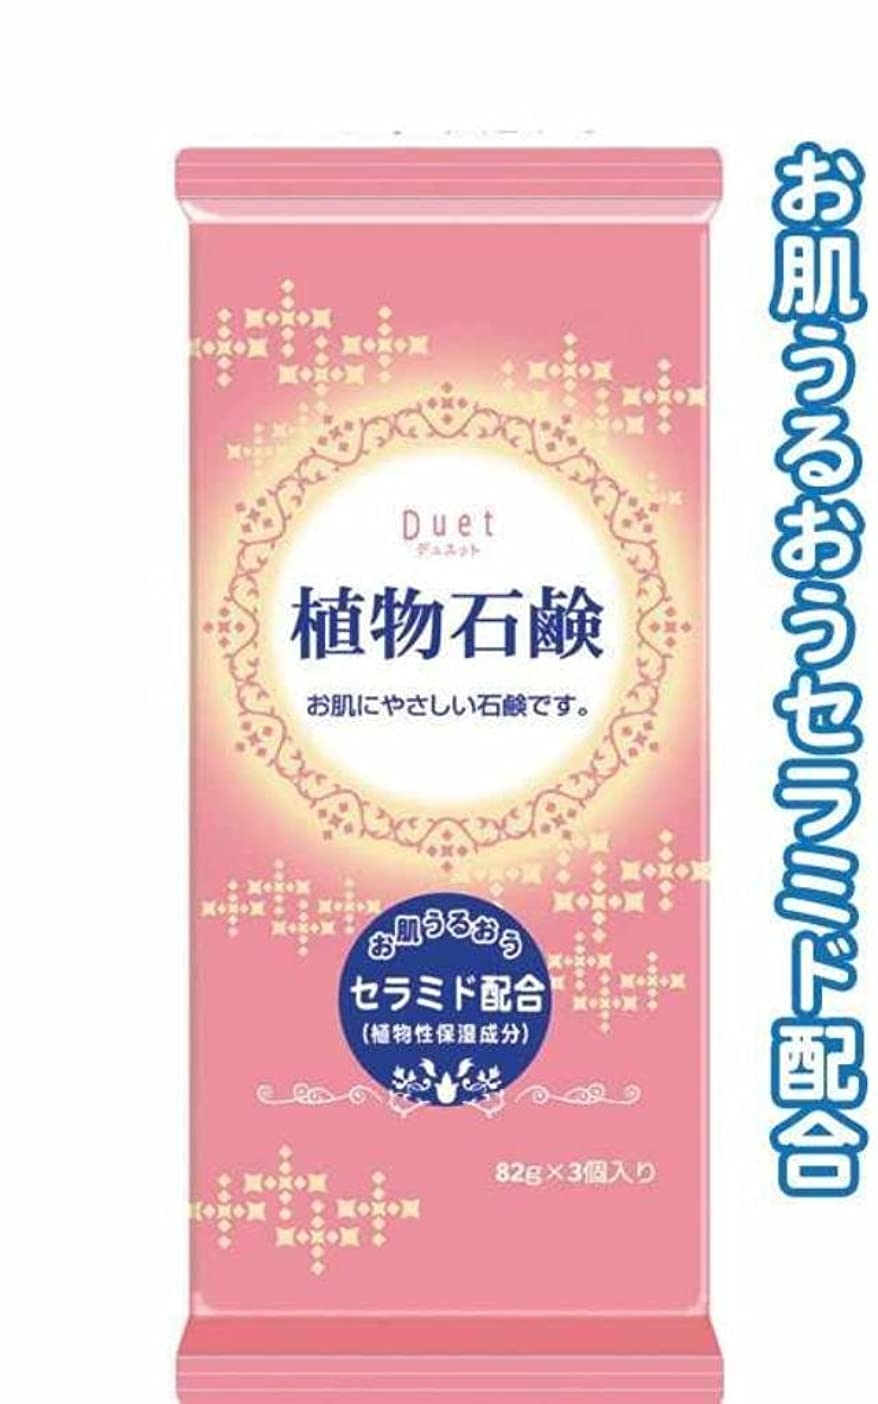 資本主義エトナ山インフラデュエット植物石鹸82g×3個入フローラルの香り 【まとめ買い4個入り×320パック 合計1280個セット】 46-204